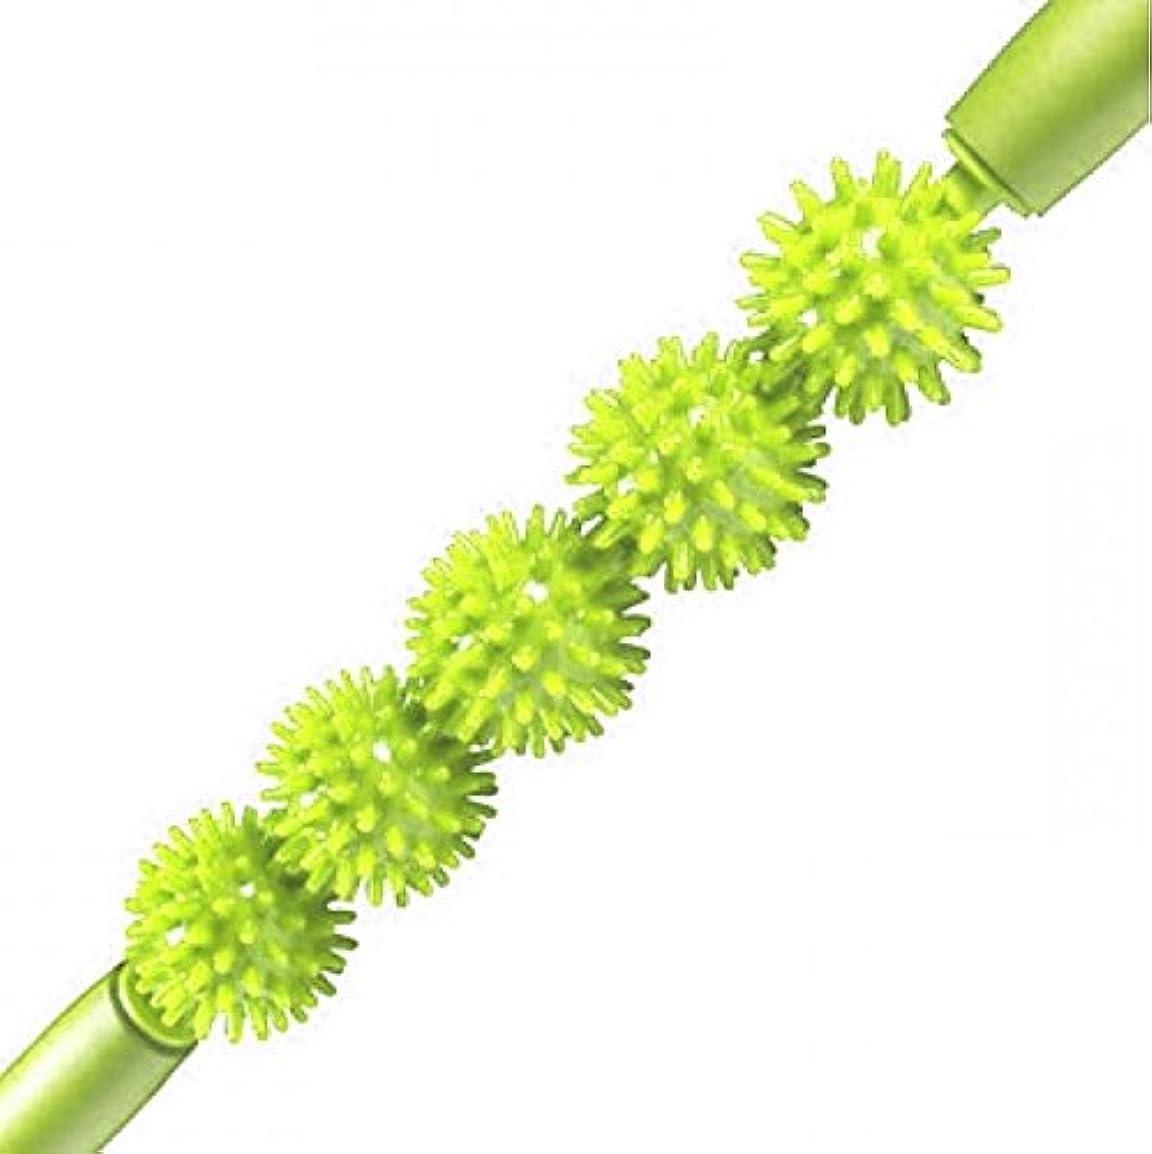 ネックレット飾るリンケージKabalo Spiky Ball Trigger Point Muscle Therapy Stick Roller Spikey Massage Wand Rolling (Green)